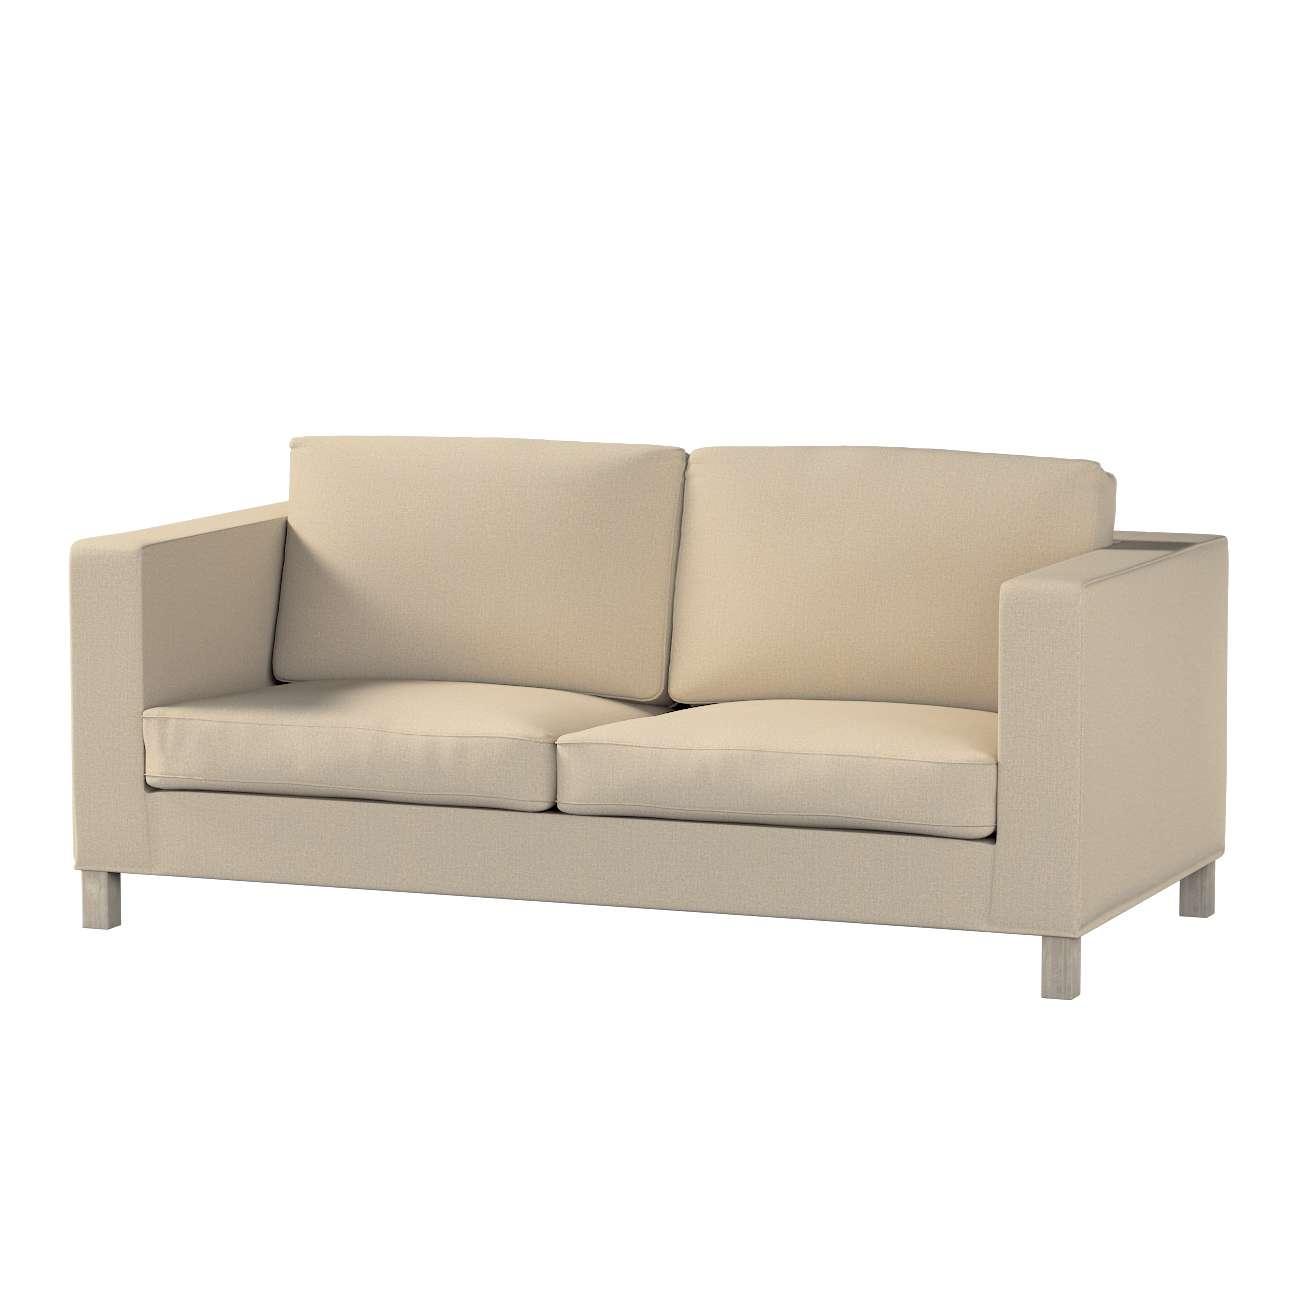 Pokrowiec na sofę Karlanda rozkładaną, krótki Sofa Karlanda rozkładana w kolekcji Edinburgh, tkanina: 115-78